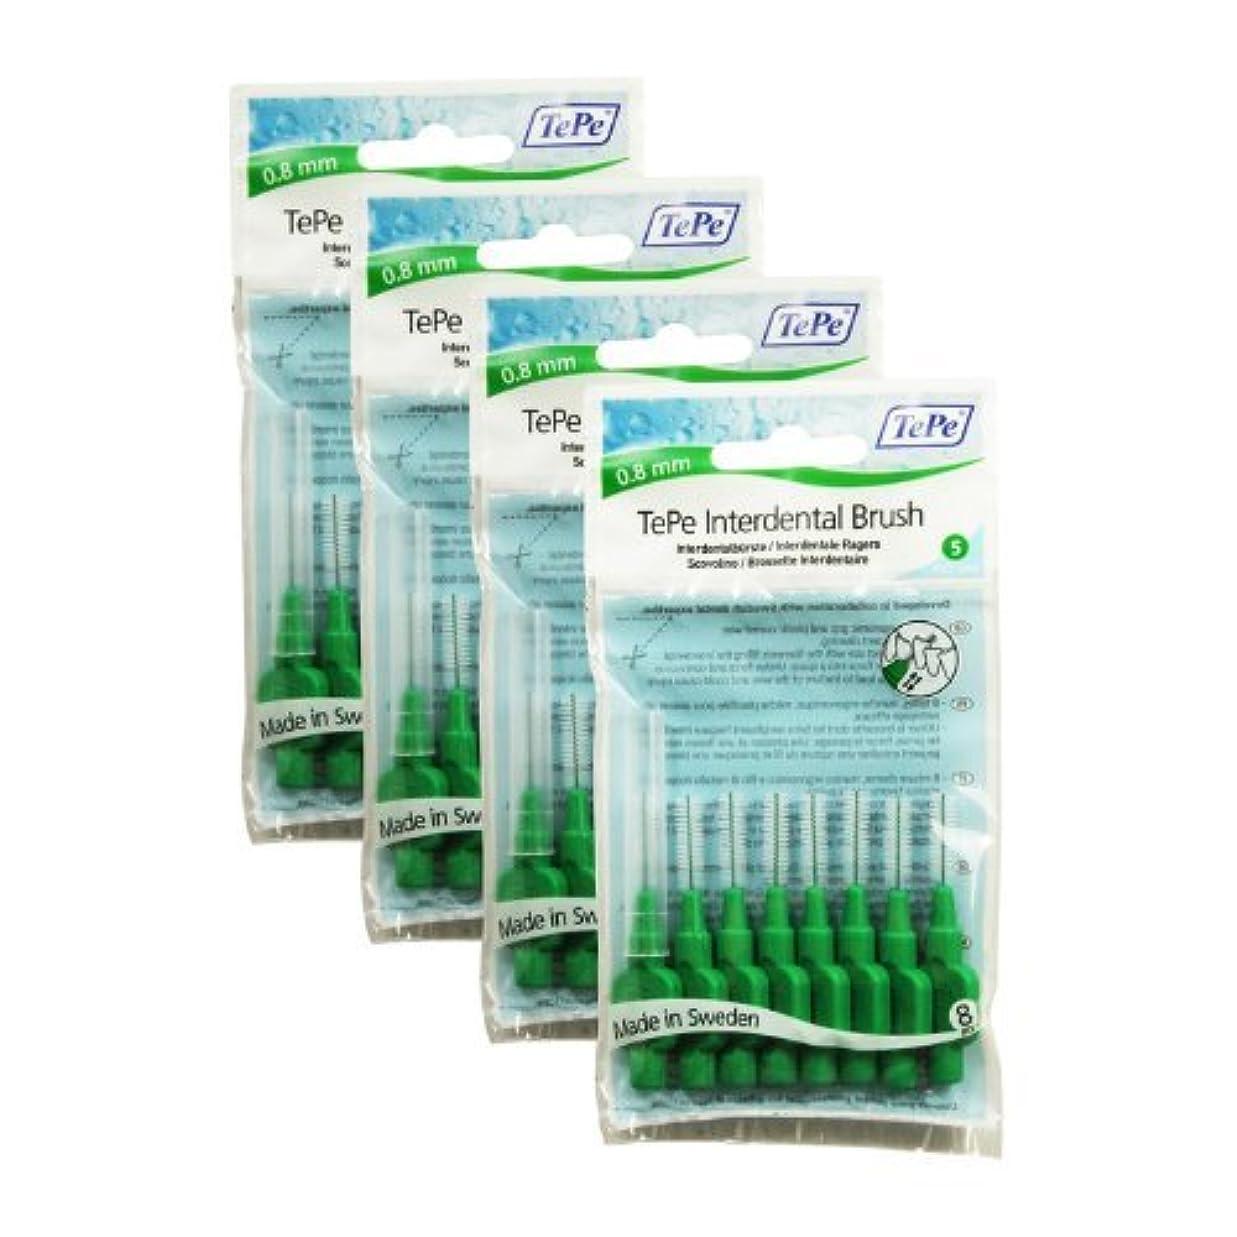 ディスココマースいたずらTePe Interdental Brushes 0.8mm Green - 4 Packets of 8 (32 Brushes) by TePe